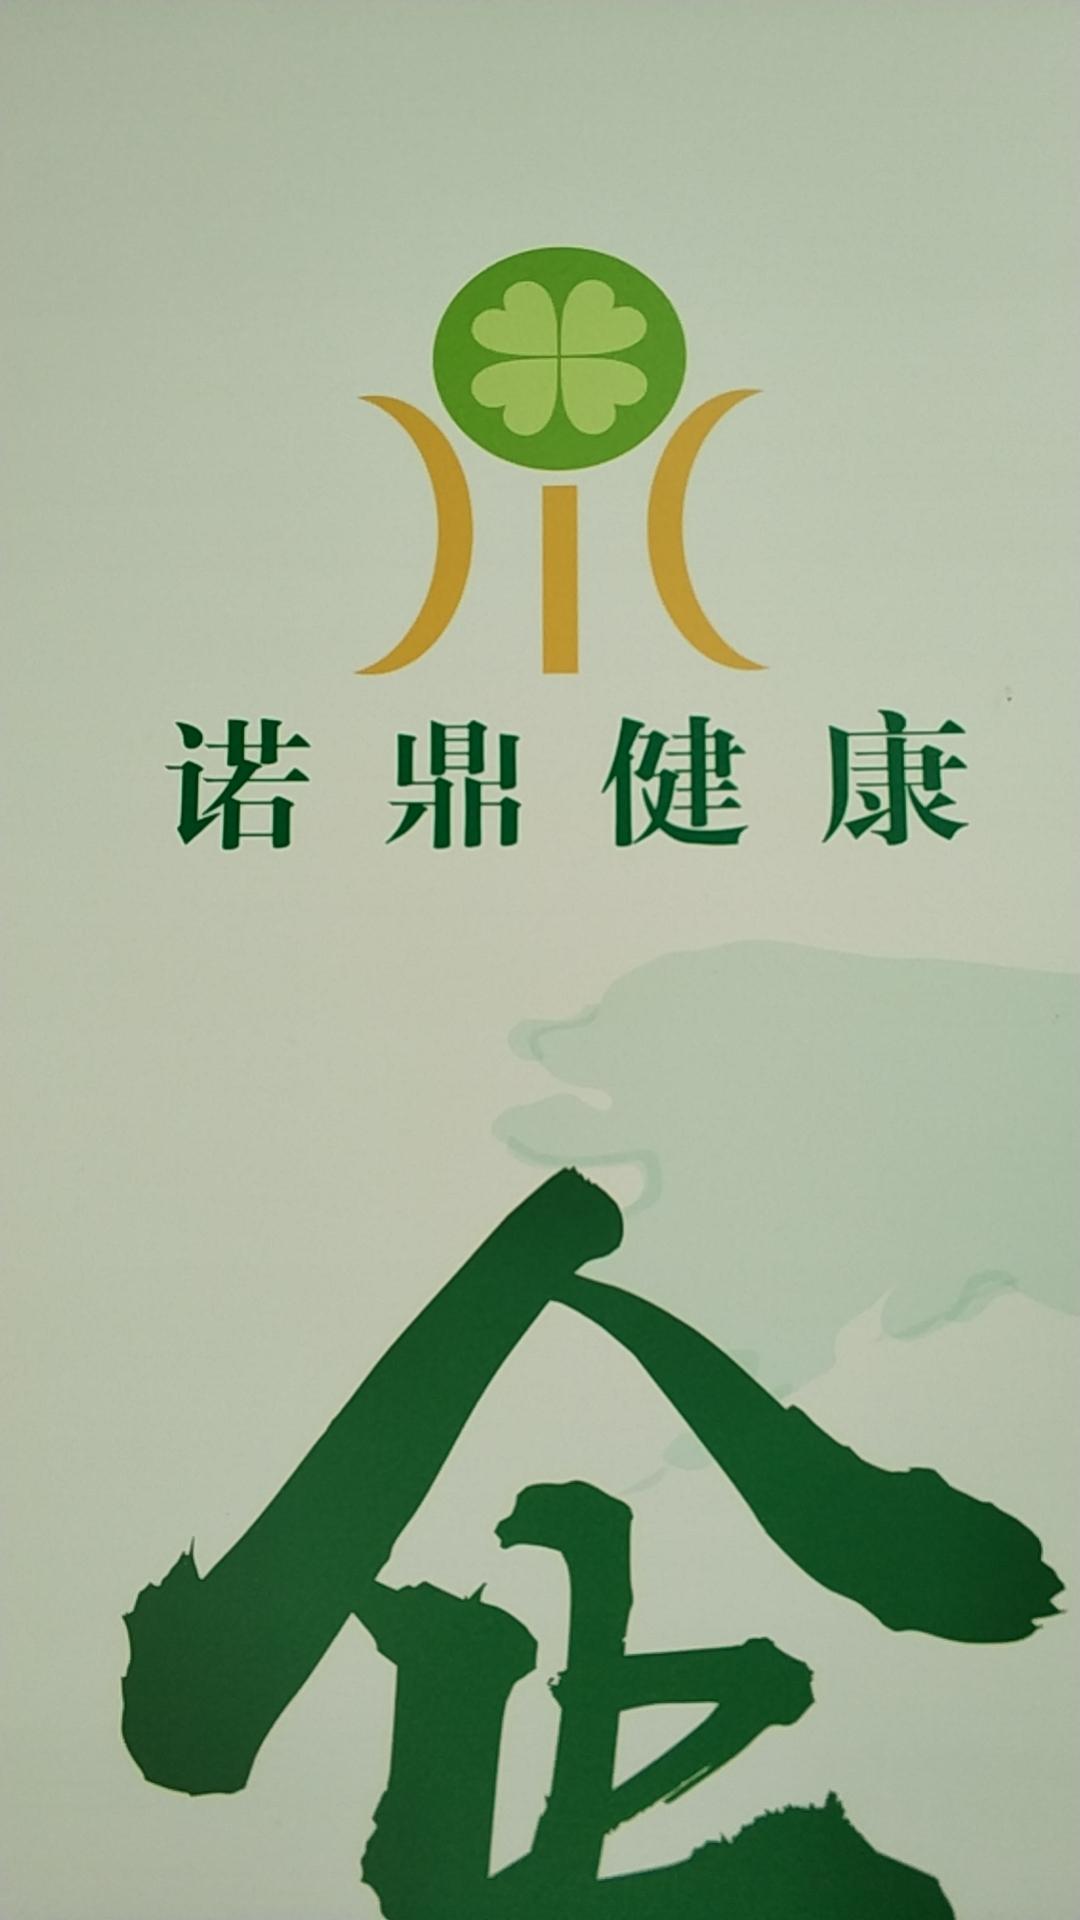 韶关市浈江区易思科市场营销策划有限公司的企业标志